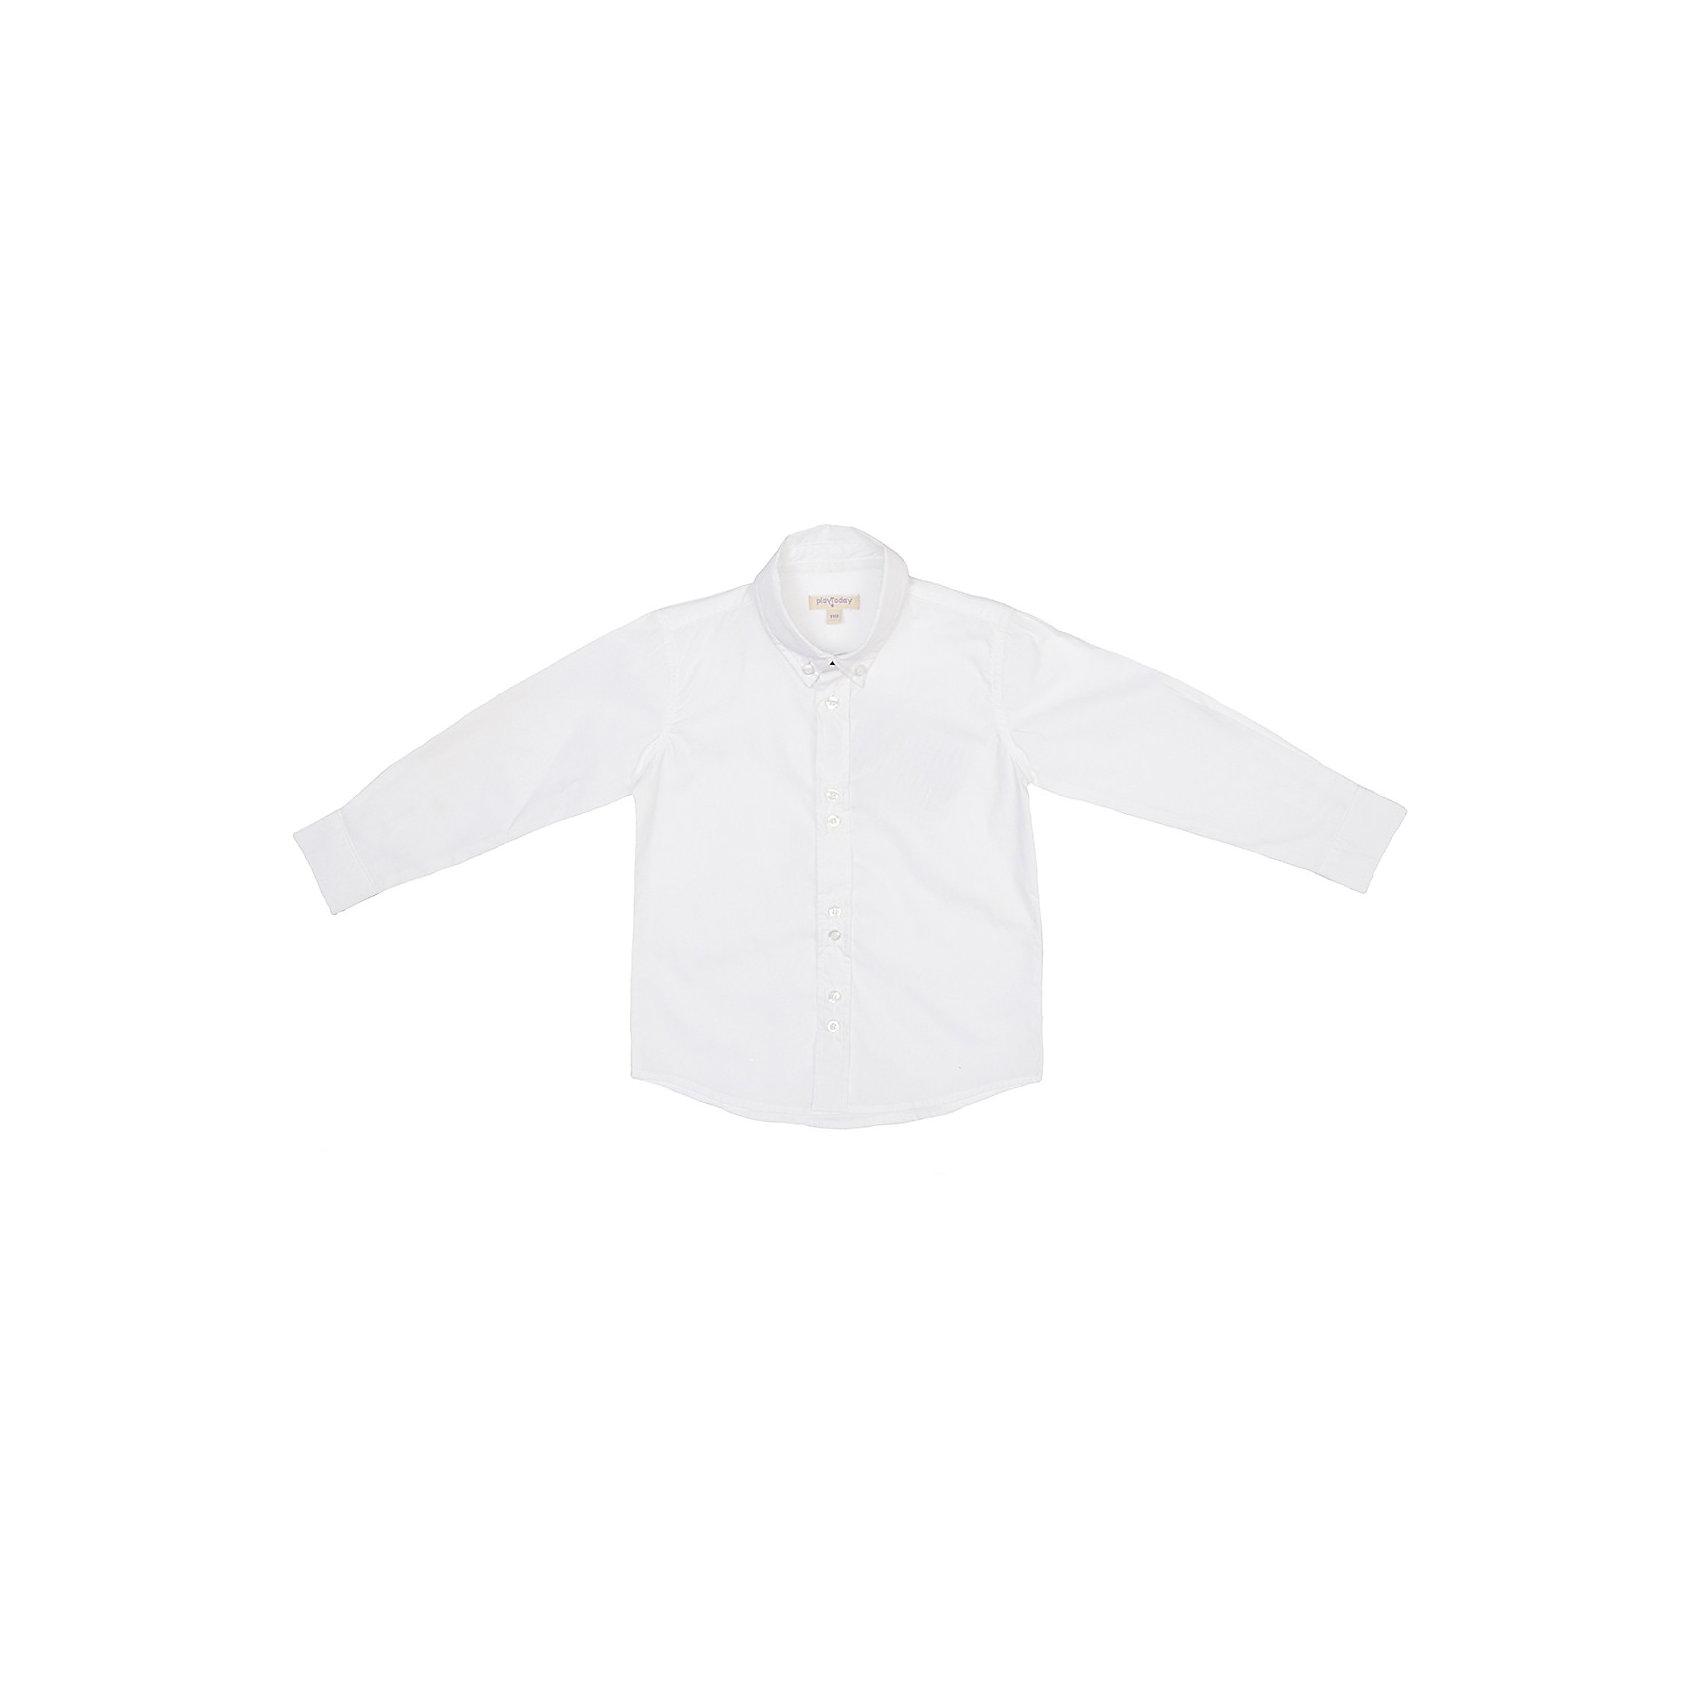 Рубашка для мальчика PlayTodayБлузки и рубашки<br>Рубашка для мальчика PlayToday. <br>Состав: 100% хлопок <br><br>* рубашка выполнена из натурального материала - необходимая вещь в ежедневном гардеробе<br>* рубашка с длинными рукавами, отложным воротничком классической формы и застежкой на пуговицы<br>* манжеты классической формы с застежкой на пуговицы<br><br>Ширина мм: 174<br>Глубина мм: 10<br>Высота мм: 169<br>Вес г: 157<br>Цвет: белый<br>Возраст от месяцев: 24<br>Возраст до месяцев: 36<br>Пол: Мужской<br>Возраст: Детский<br>Размер: 98,104,134,128,140,122,116,110<br>SKU: 3892821